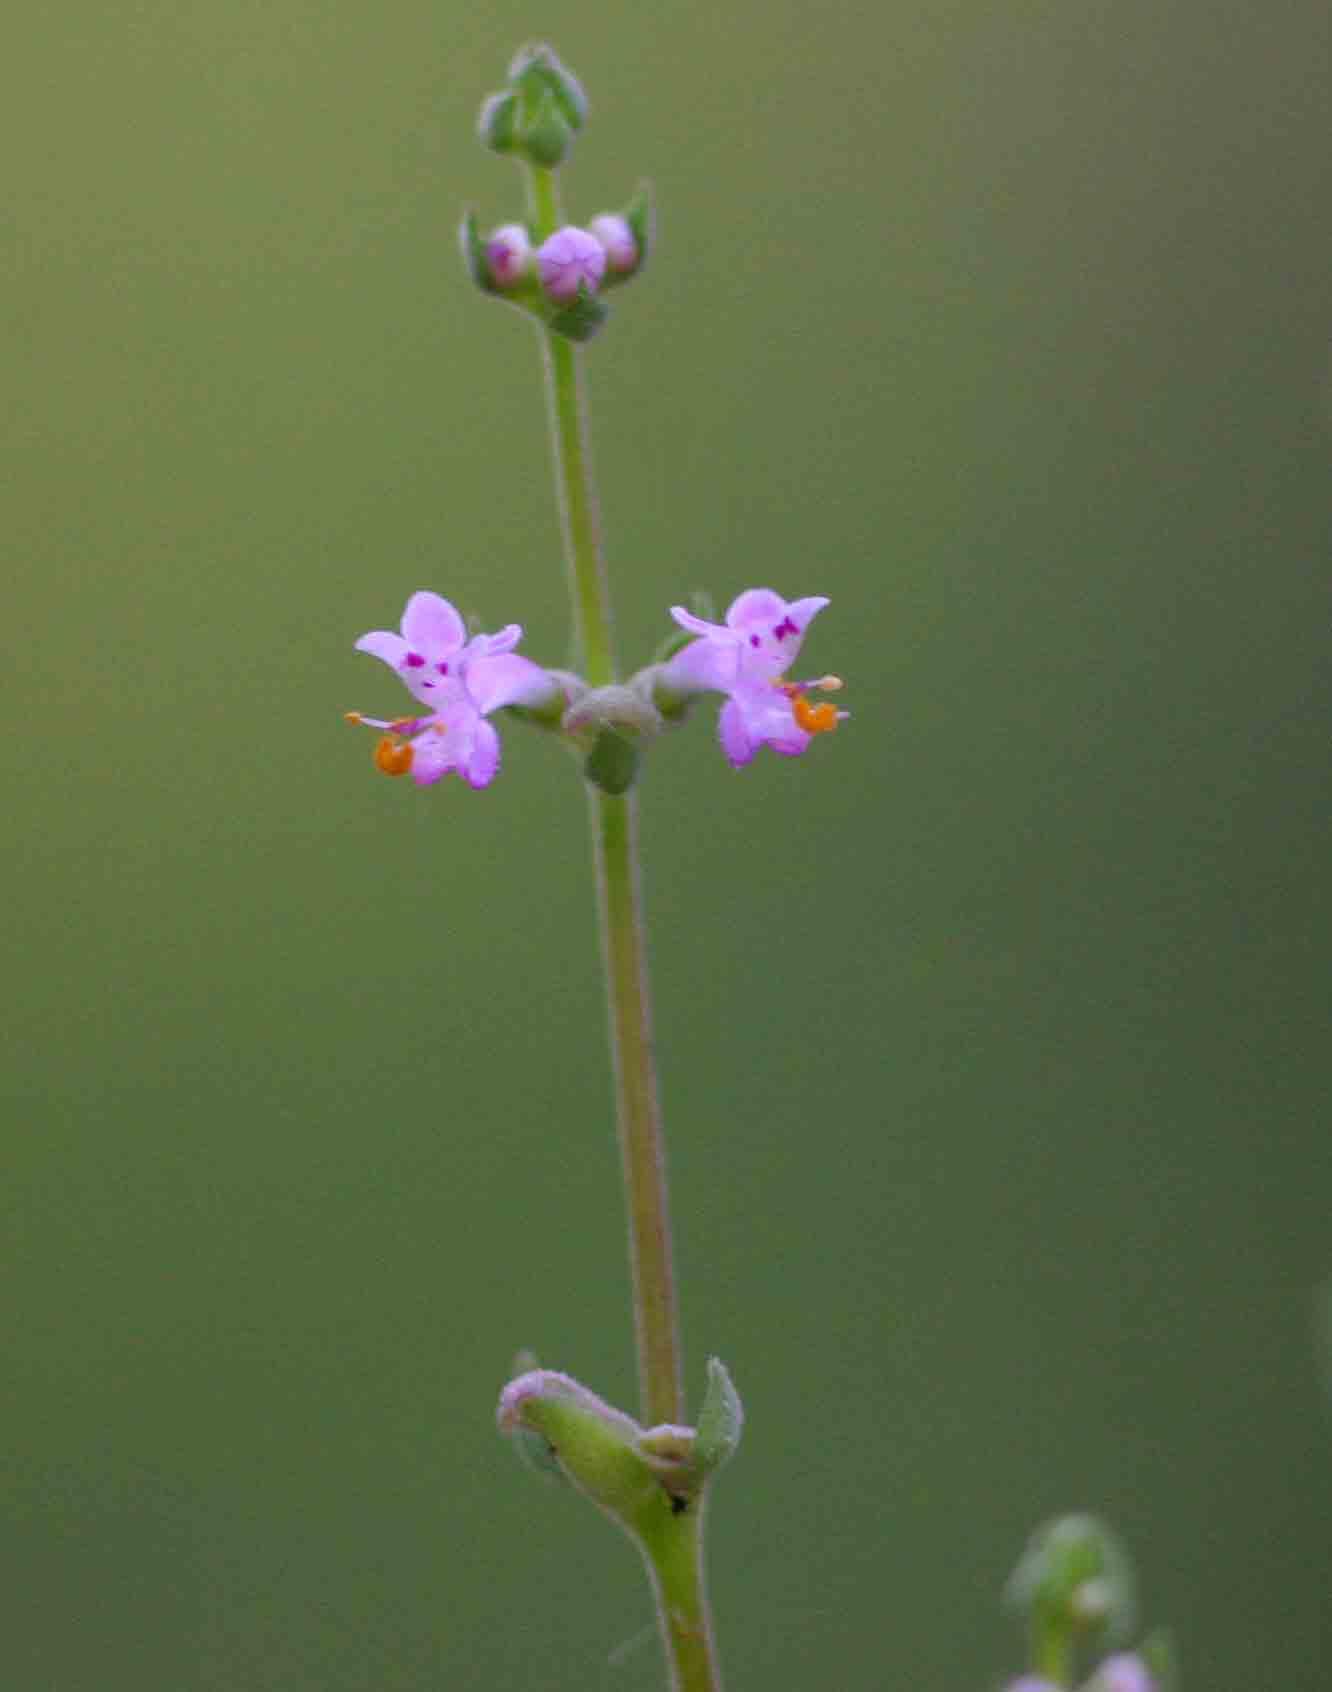 Aeollanthus neglectus